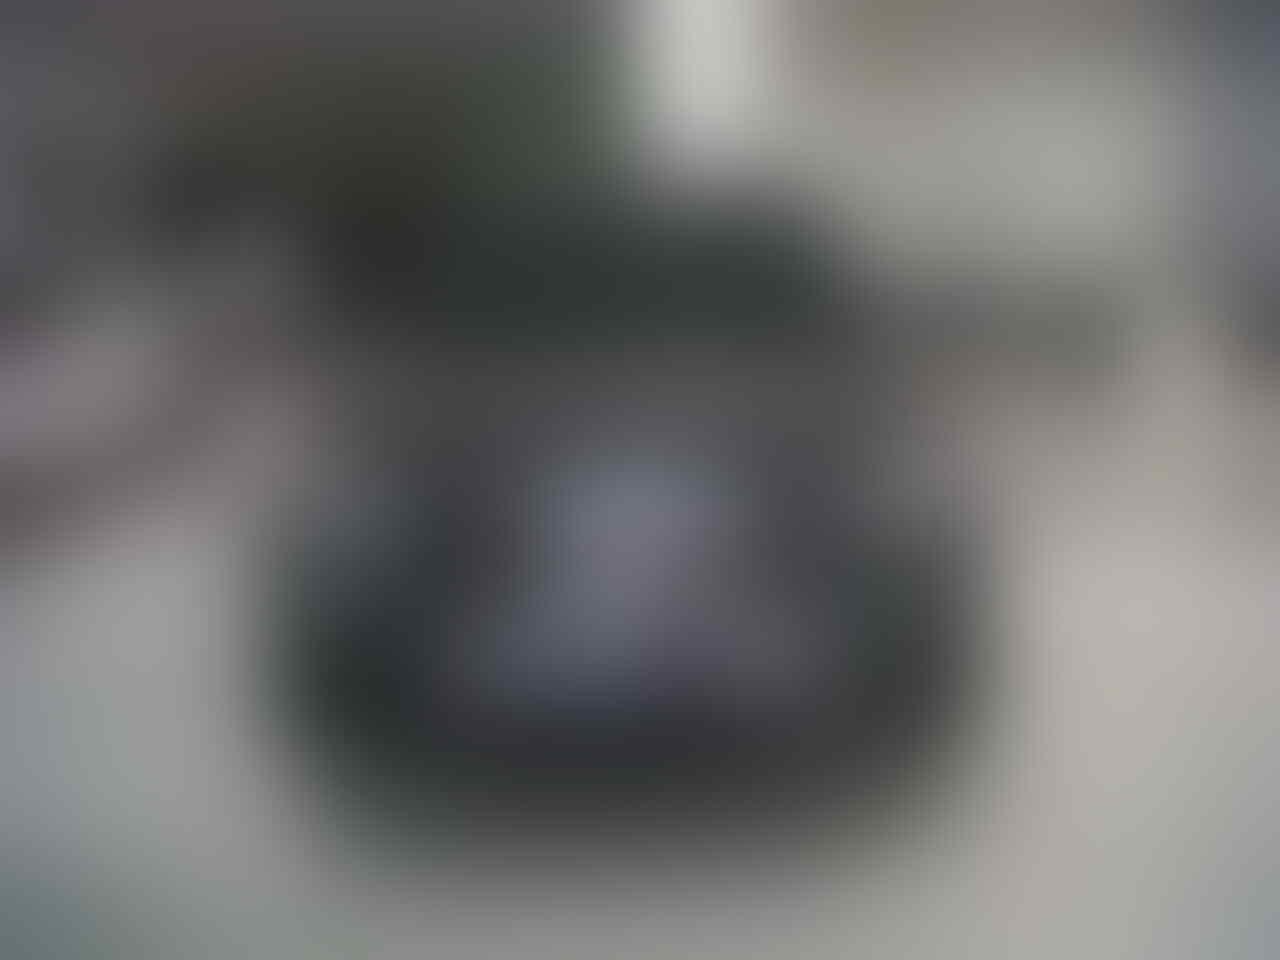 Kredit Honda CR-V Dp 100jt'an saja